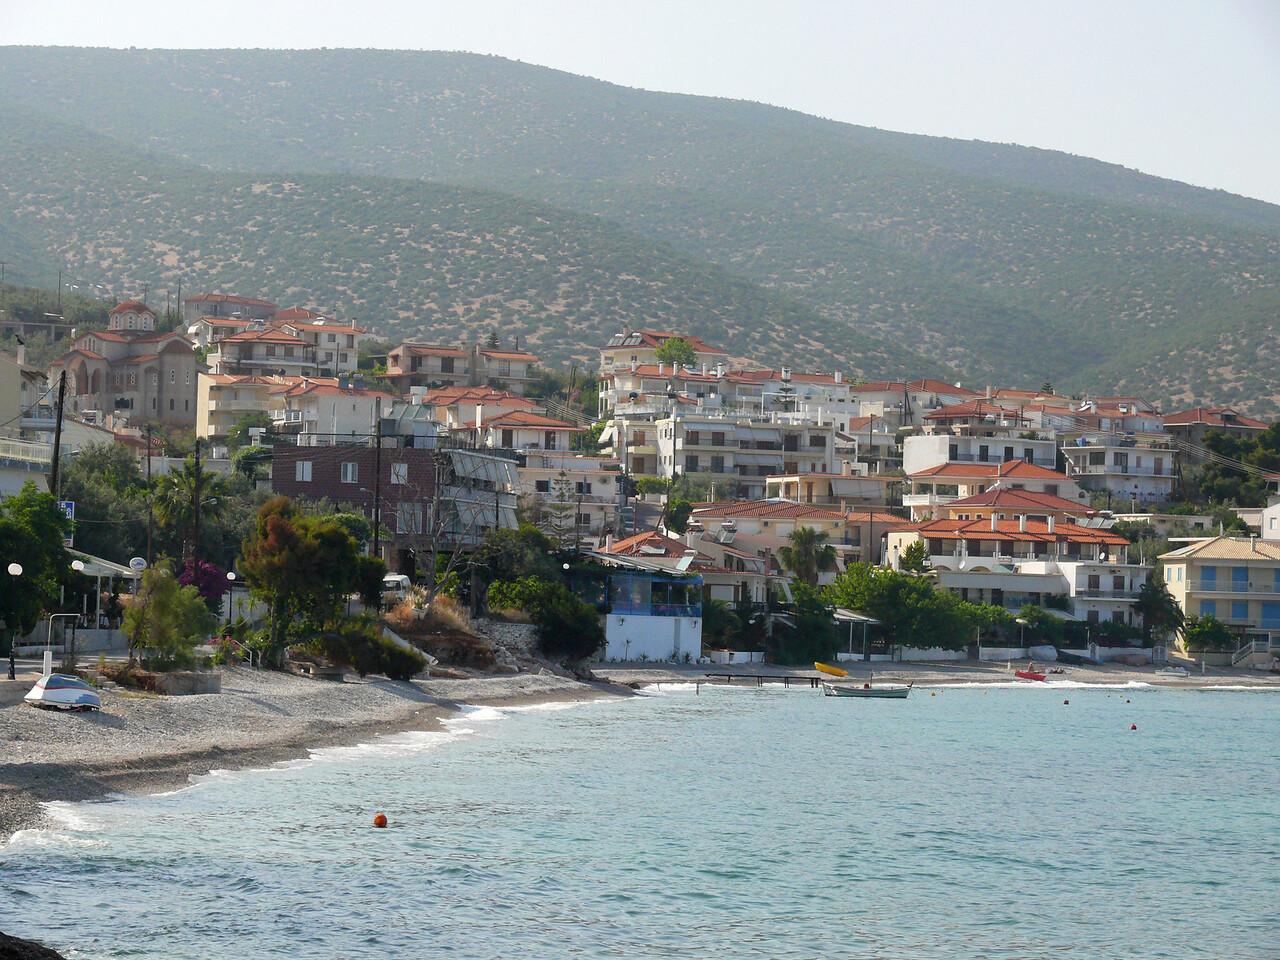 103_011 Greece Xiropigado